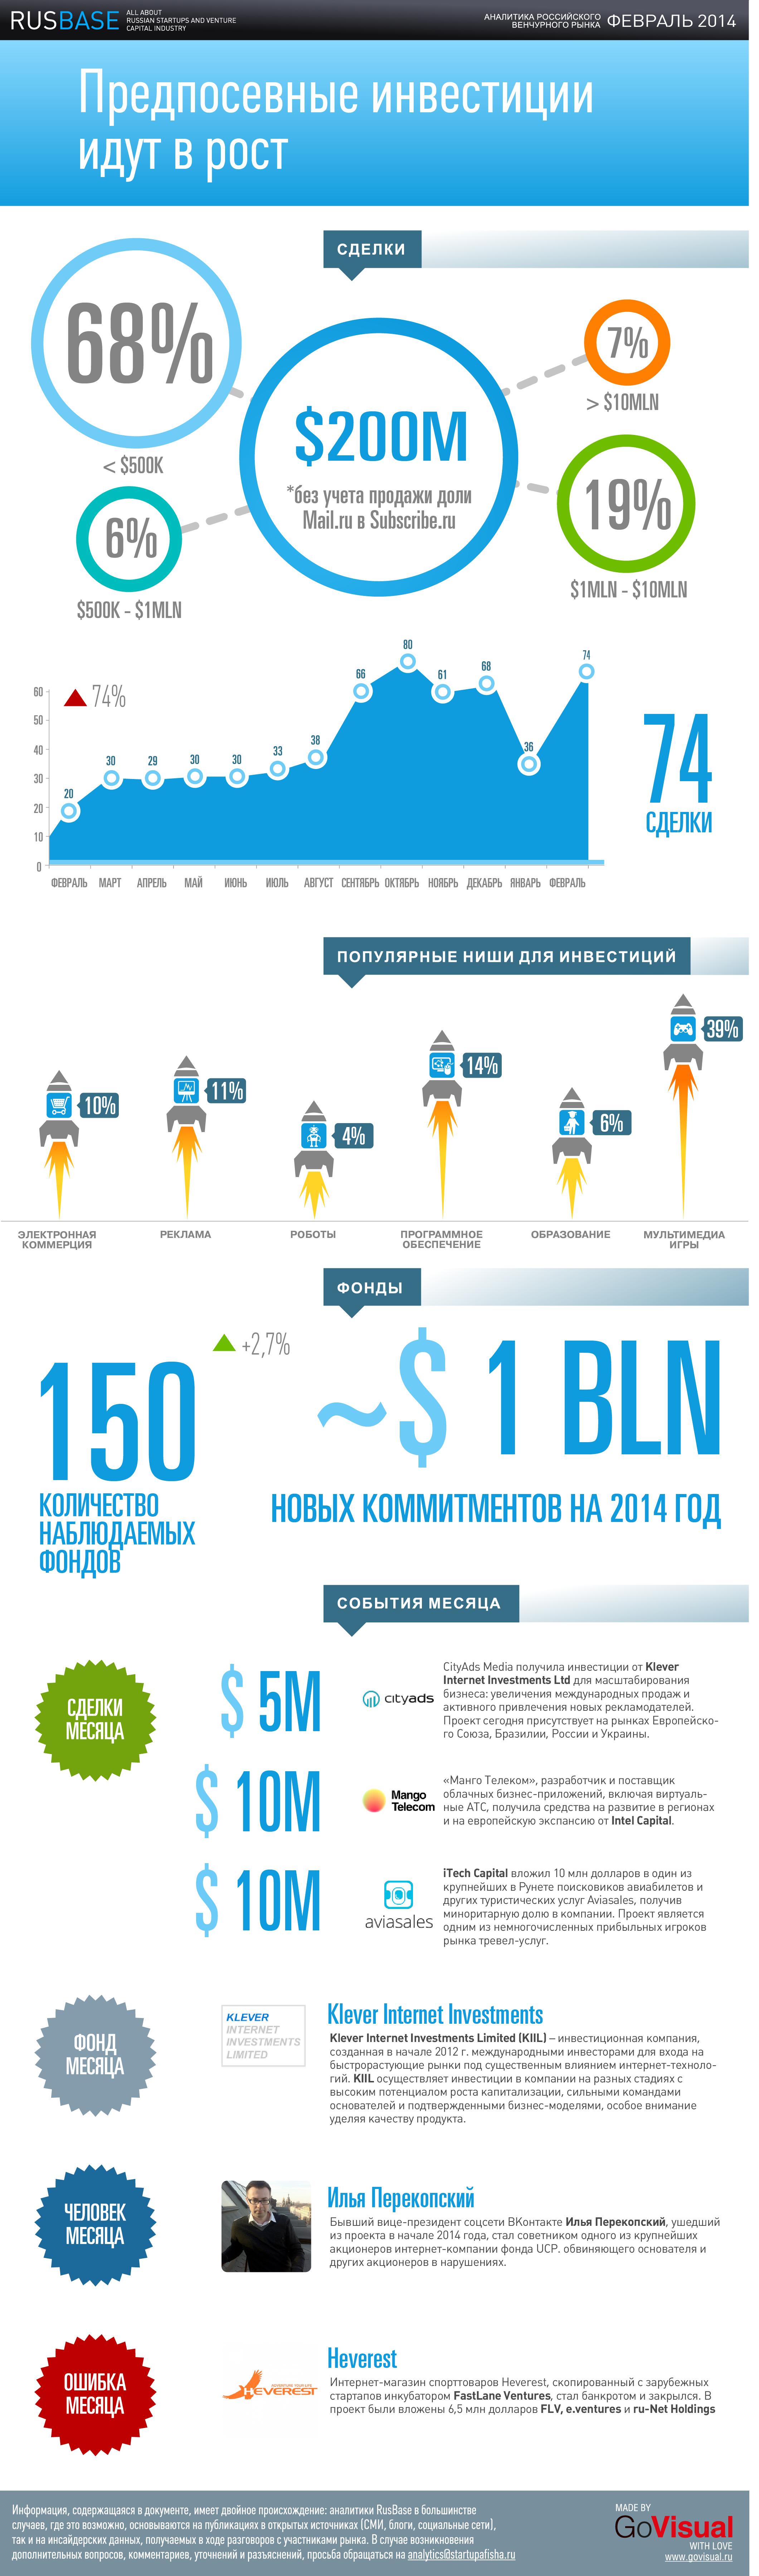 Венчурный рынок РФ_февраль 2014